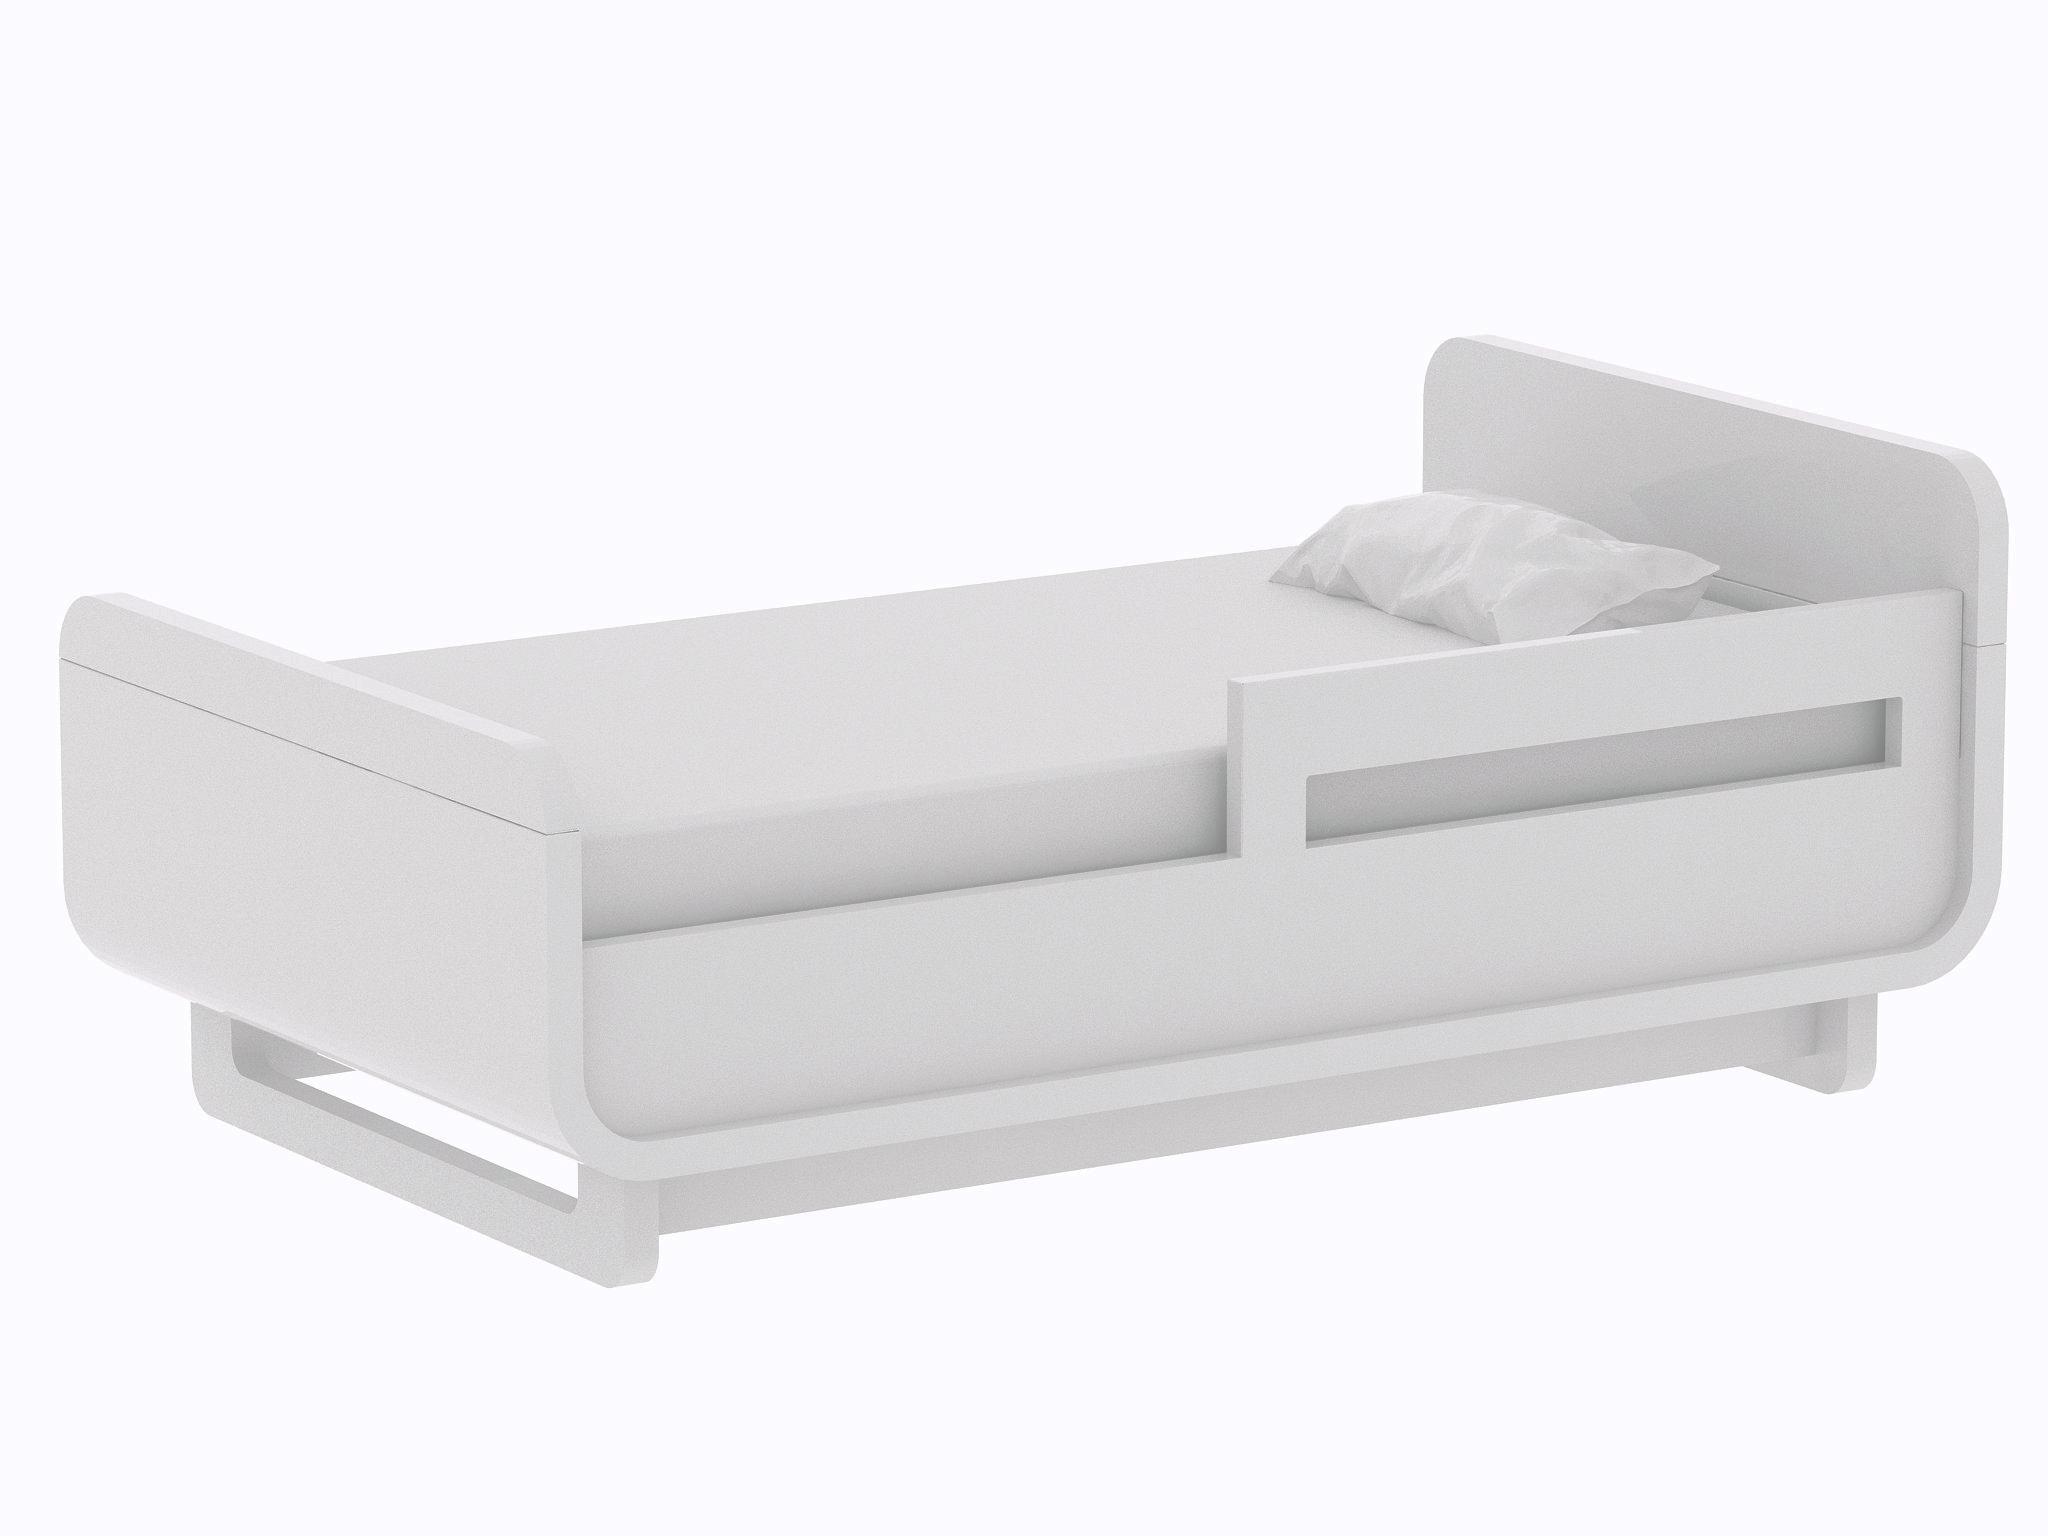 daa37b39df Trend - Cia do Móvel - Berço   mini cama  136 cm